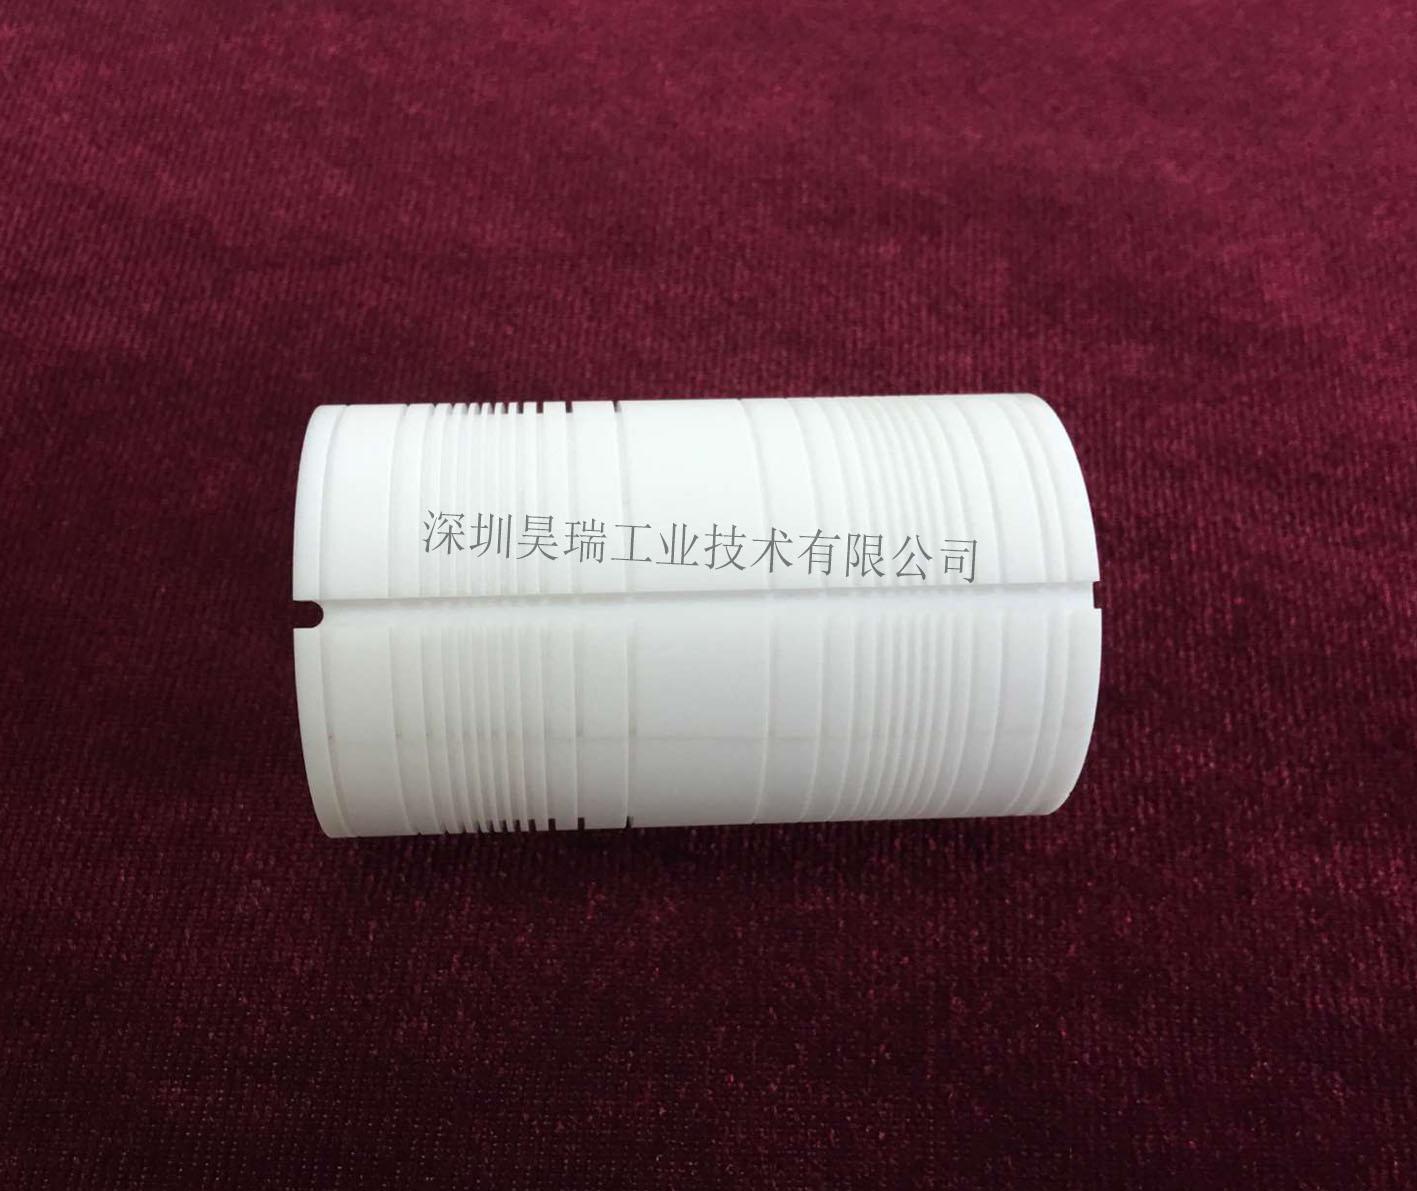 东莞高品质陶瓷量具哪家好实力雄厚